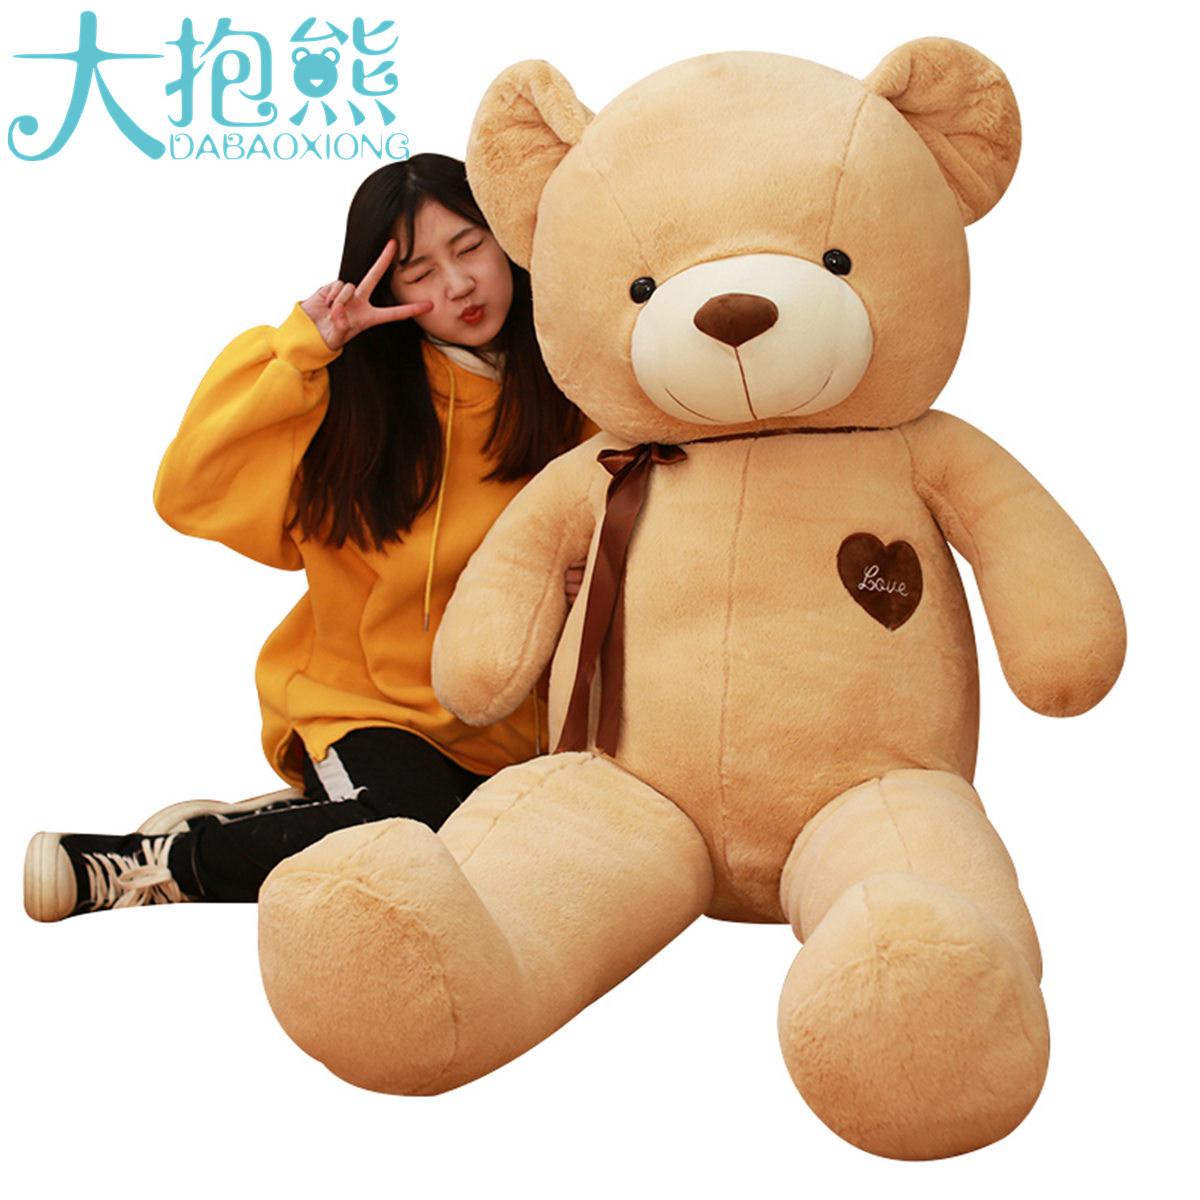 大号商标权大抱熊毛绒玩具玩具1.6米抱抱熊玩偶1.8米泰迪熊布娃娃澄海智诚正版图片